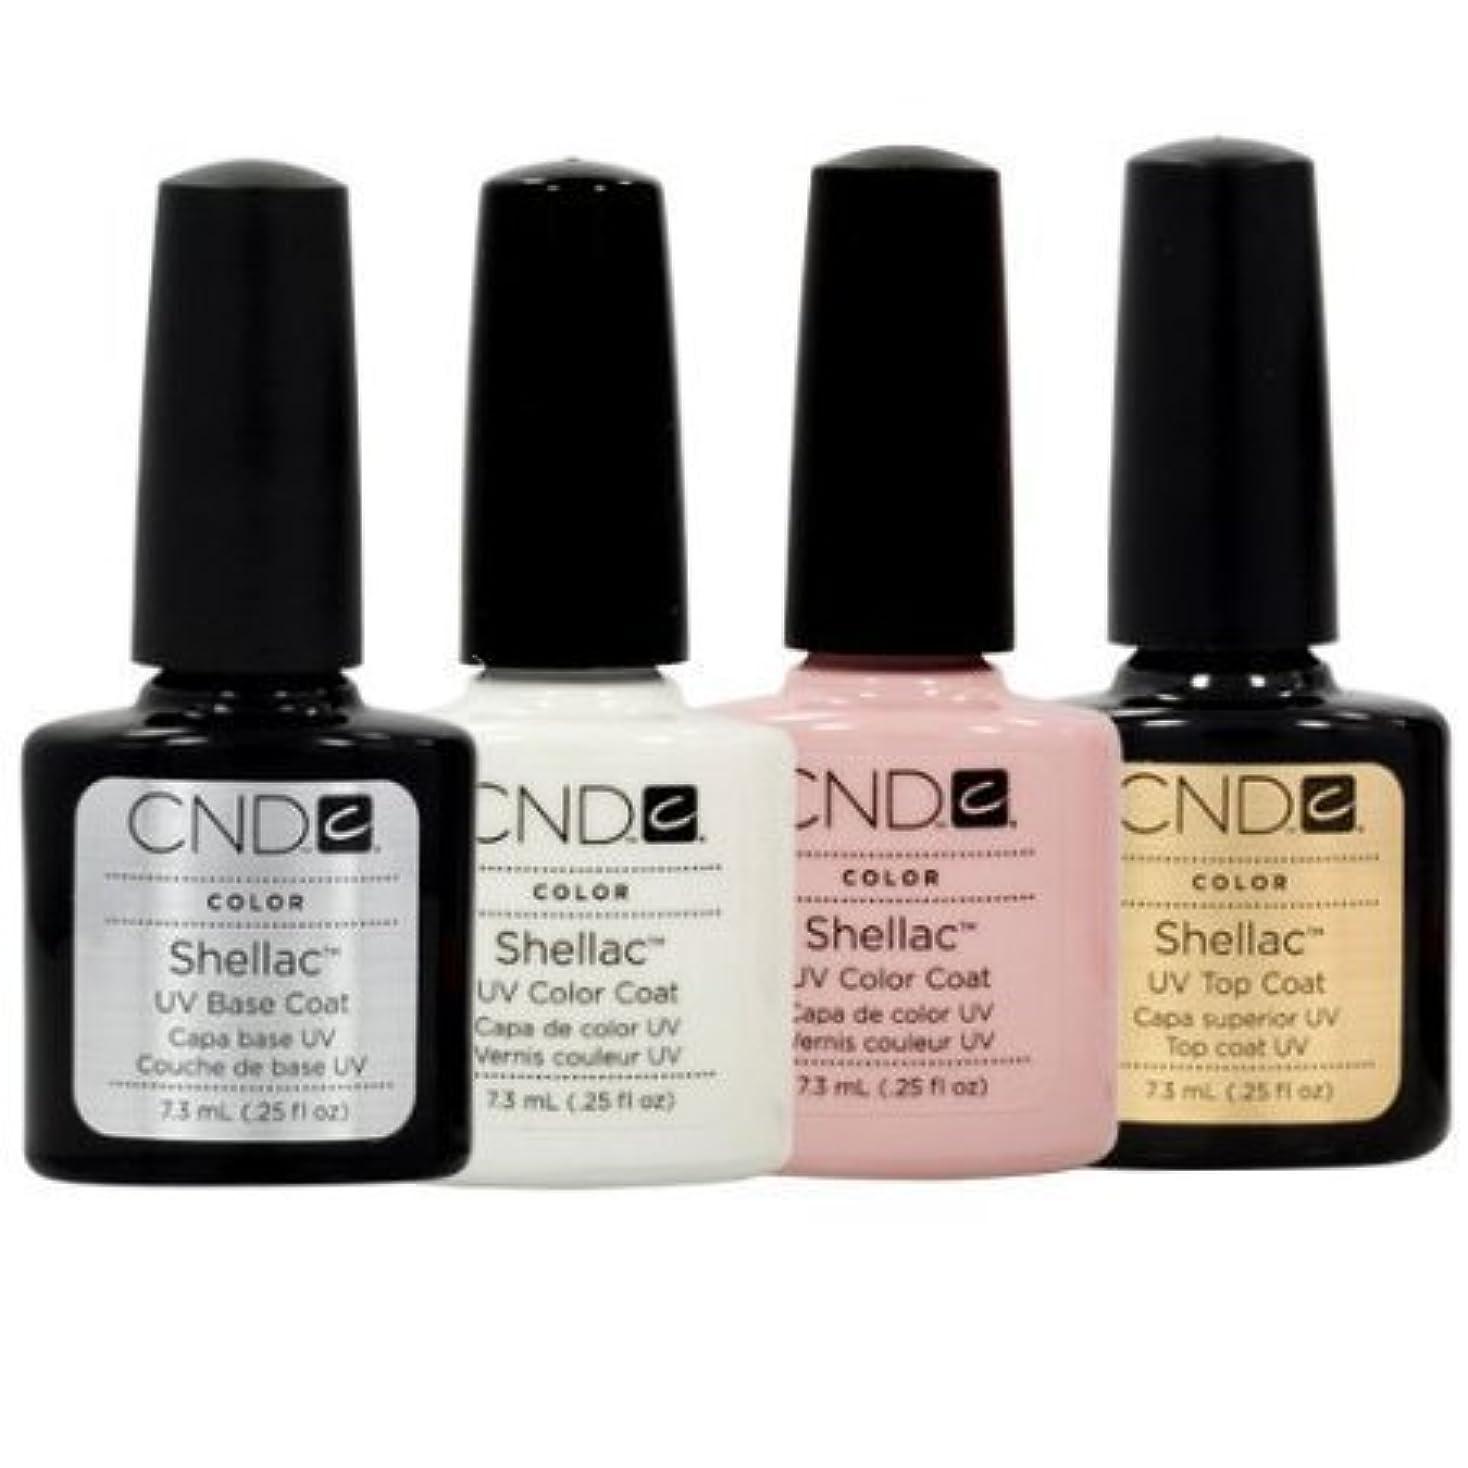 懲戒安定したバケツCND Shellac French Manicure Kit Base Top Coat Color White Pink Nail Polish Gel by CND - Creative Nail Design [...